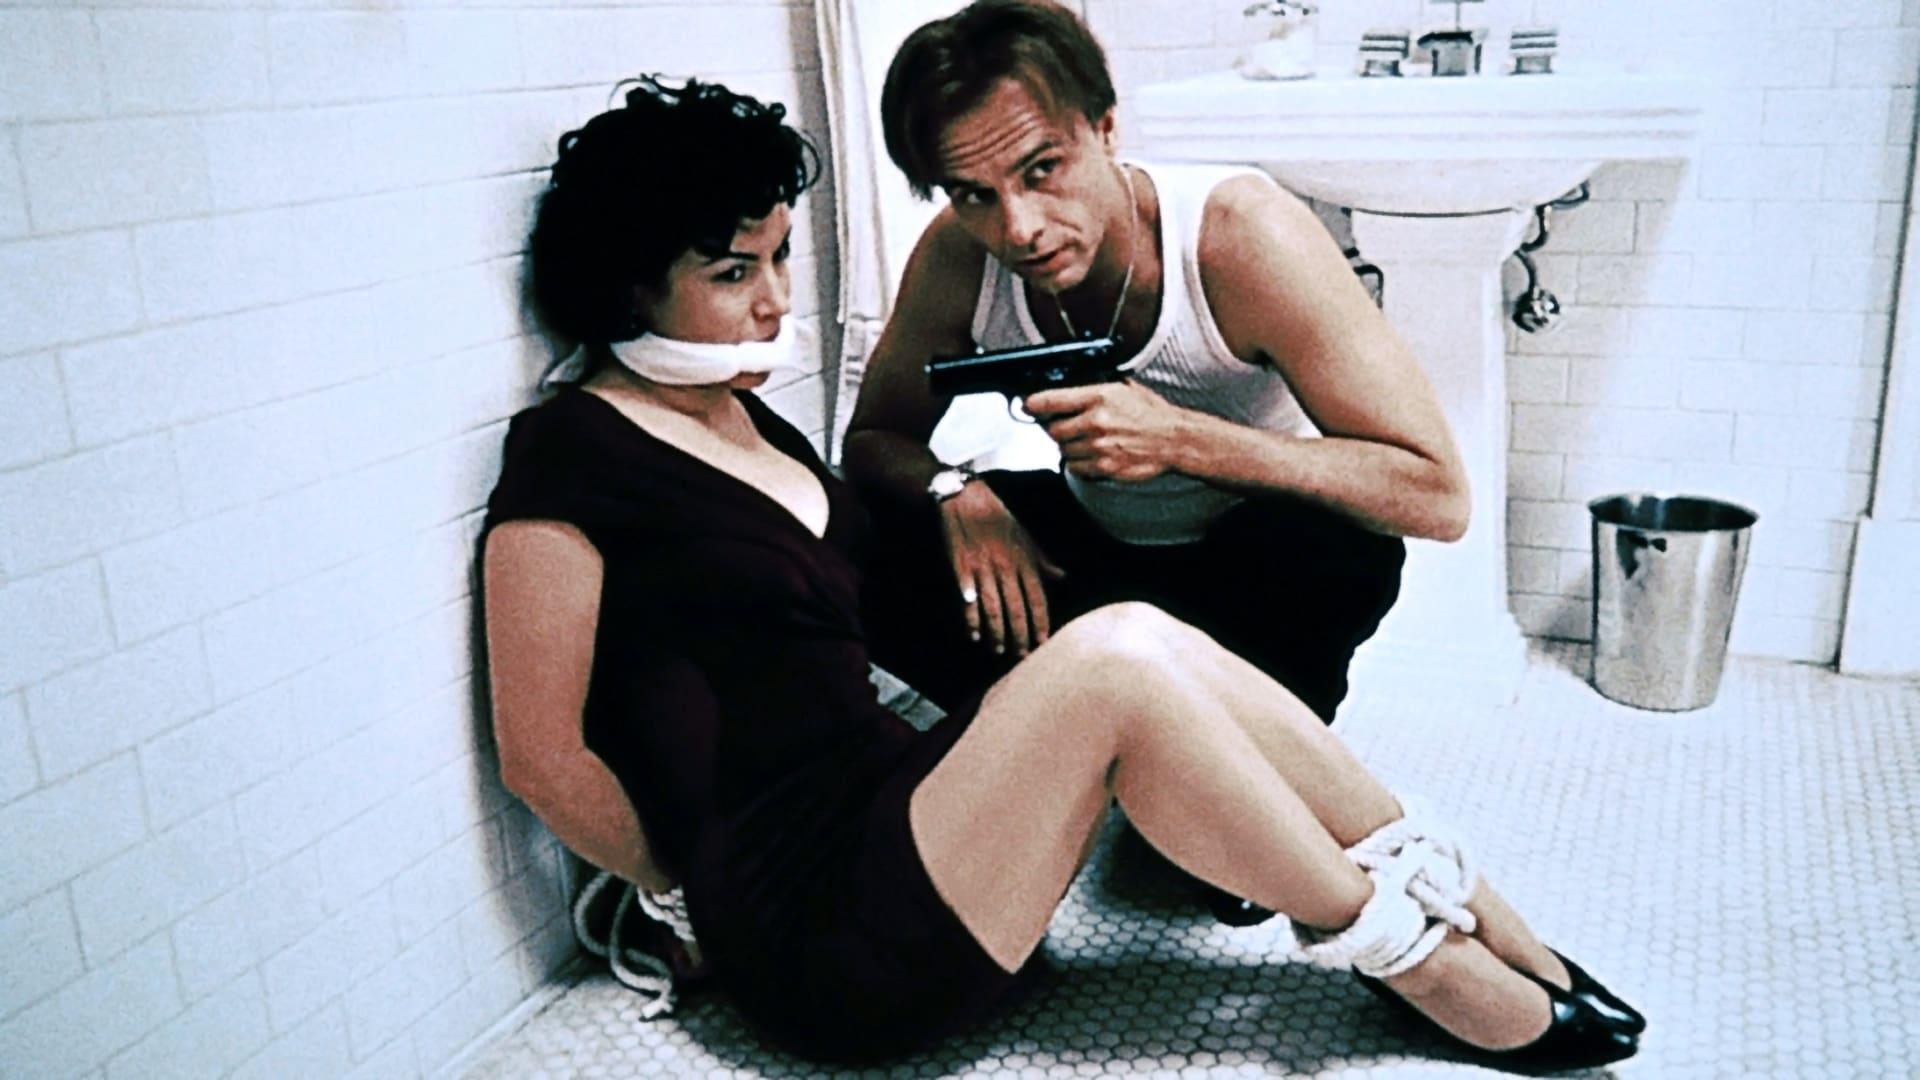 10 erfolgreiche Erotik-Filme der 90er - Knisternde Erotik